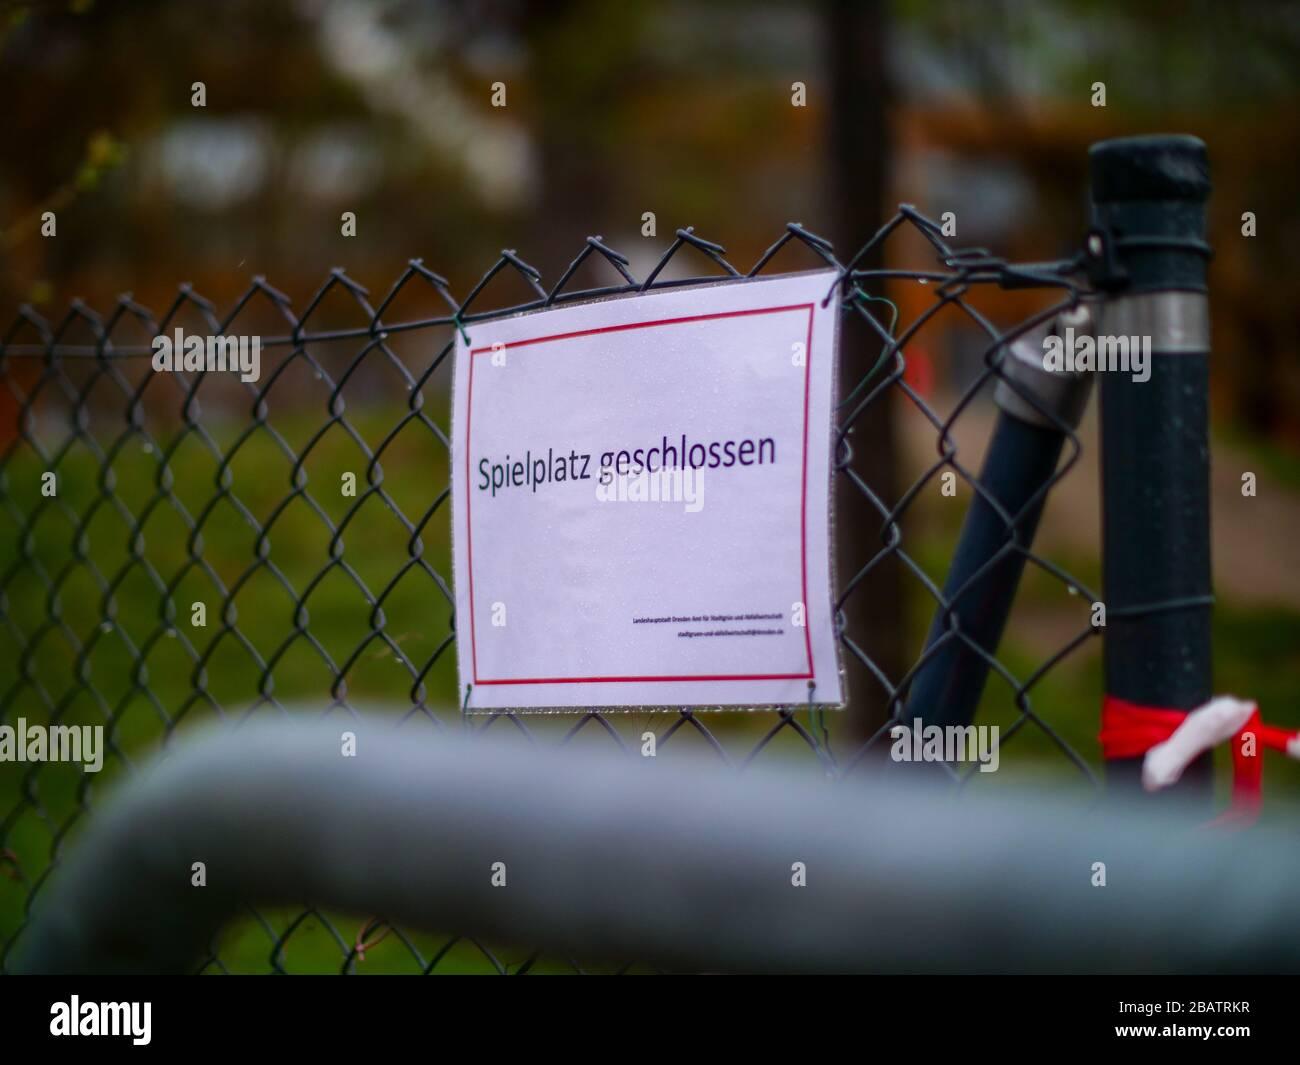 Spielplatz geschlossen wegen Coronavirus Lockdown Ausgangssperre Stock Photo